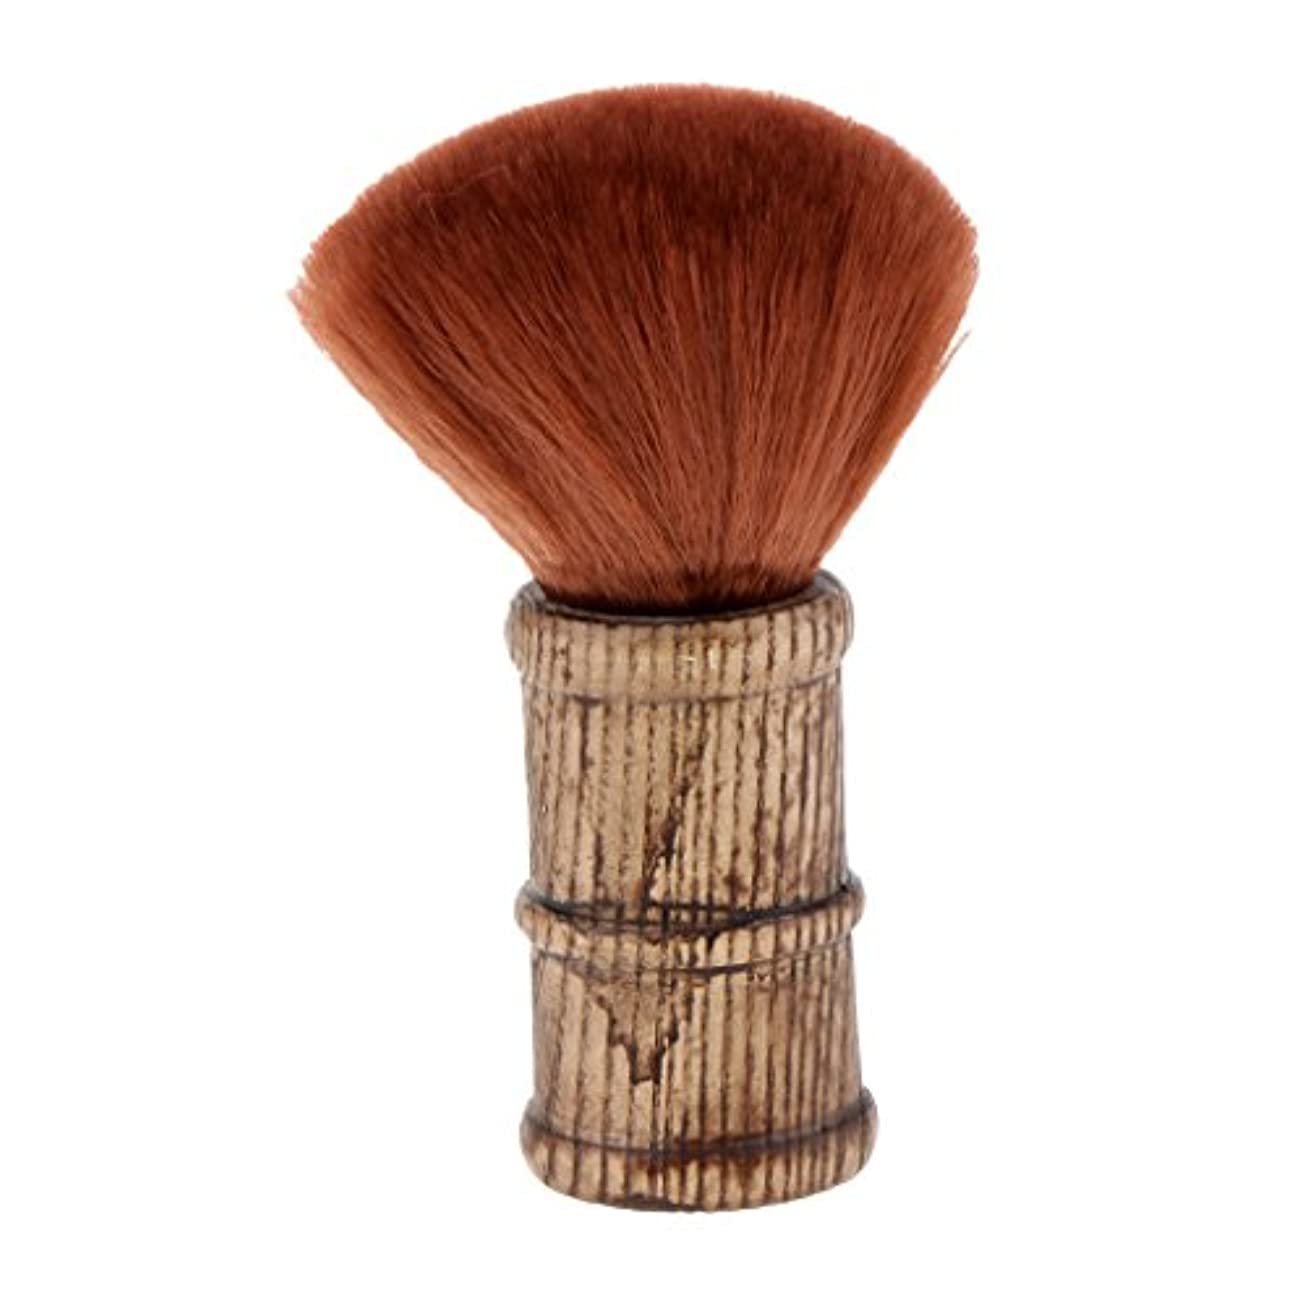 学習オペレーター精巧なネックダスターブラシ ヘアカットブラシ メイクブラシ サロン 理髪師 2色選べ - 褐色